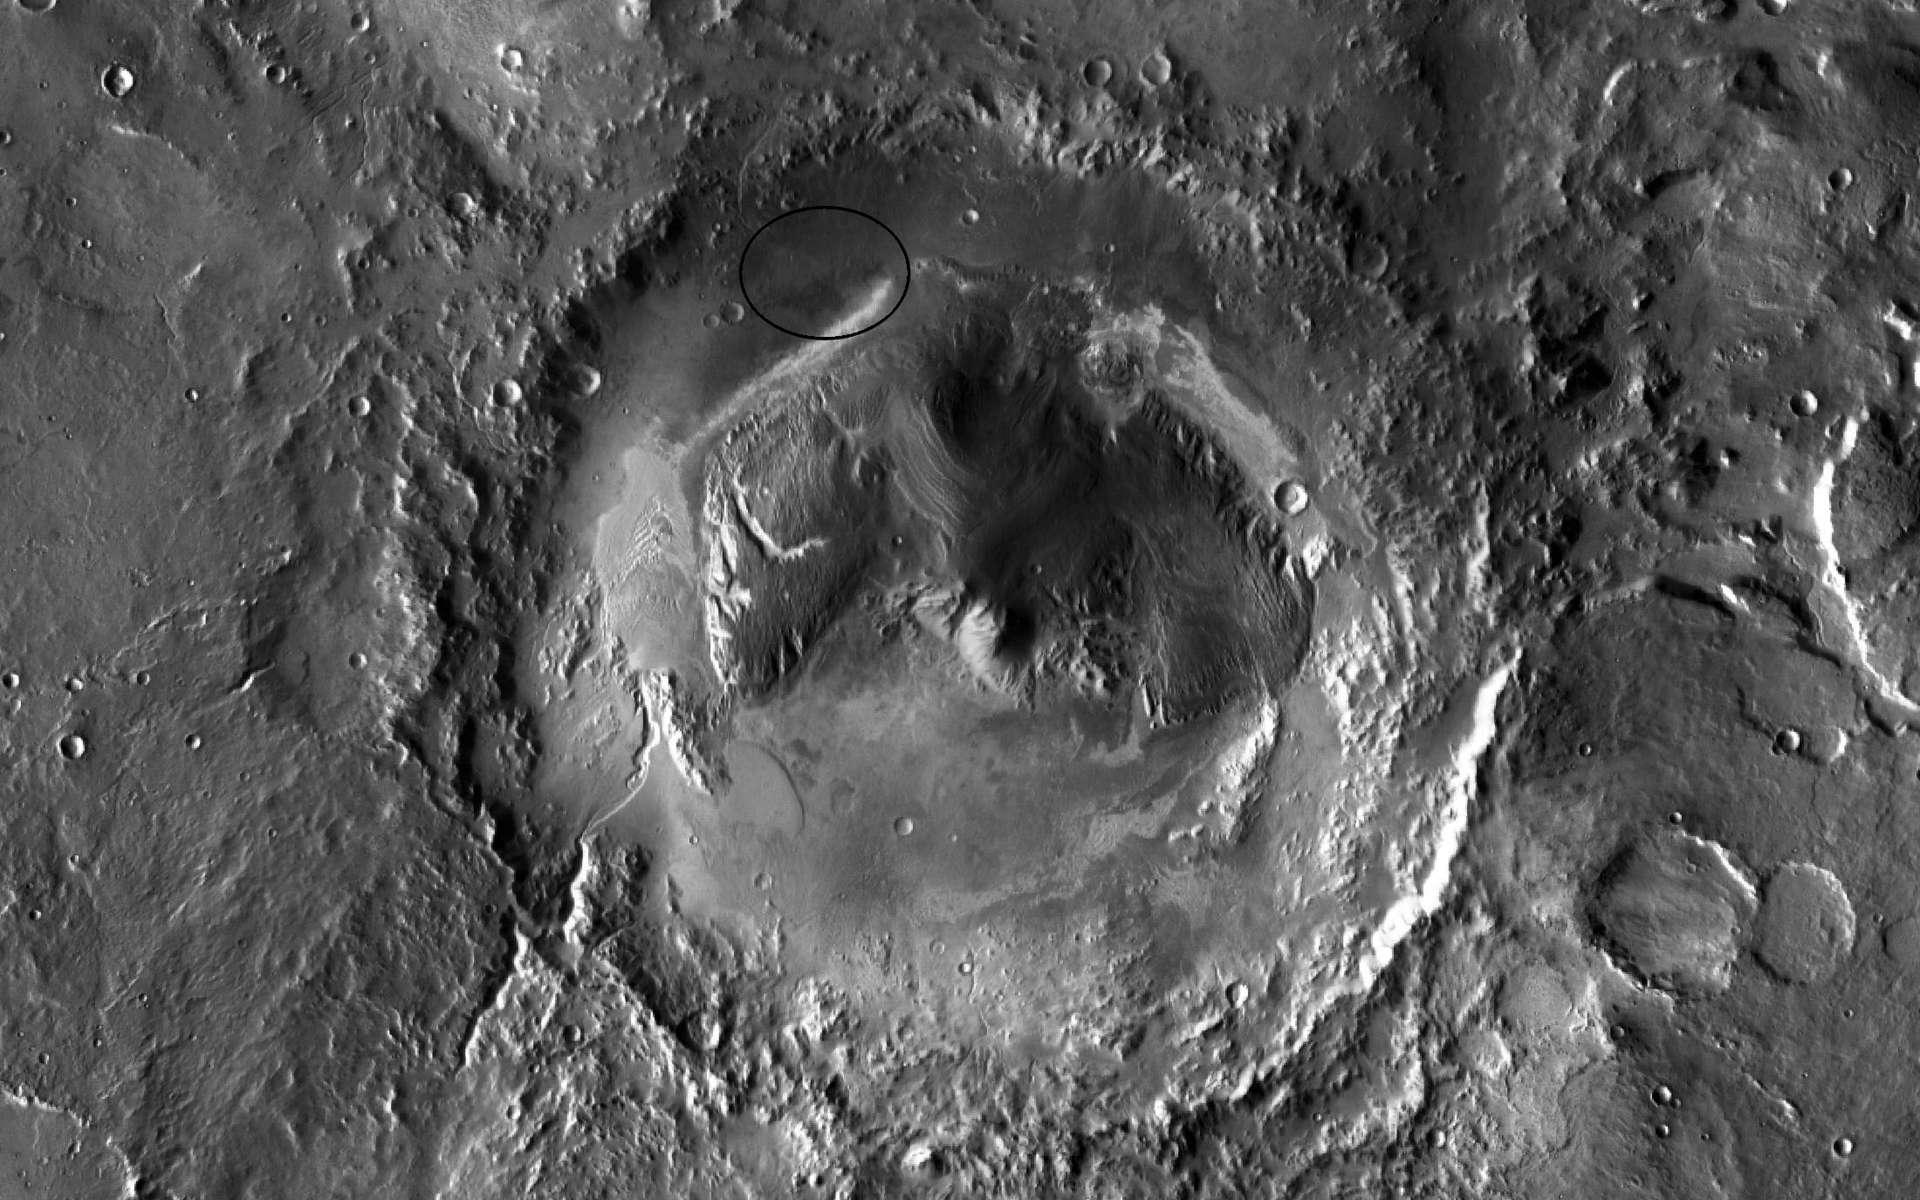 Le cratère Gale, du nom d'un astronome australien, a été choisi comme site d'atterrissage de Curiosity qui doit s'y poser en août 2012. Au centre, une montagne faite d'un empilement de couches sédimentaires composées de sulfates et argiles qui contiennent peut-être des signes d'une vie passée. © Nasa/JPL-Caltech/ASU